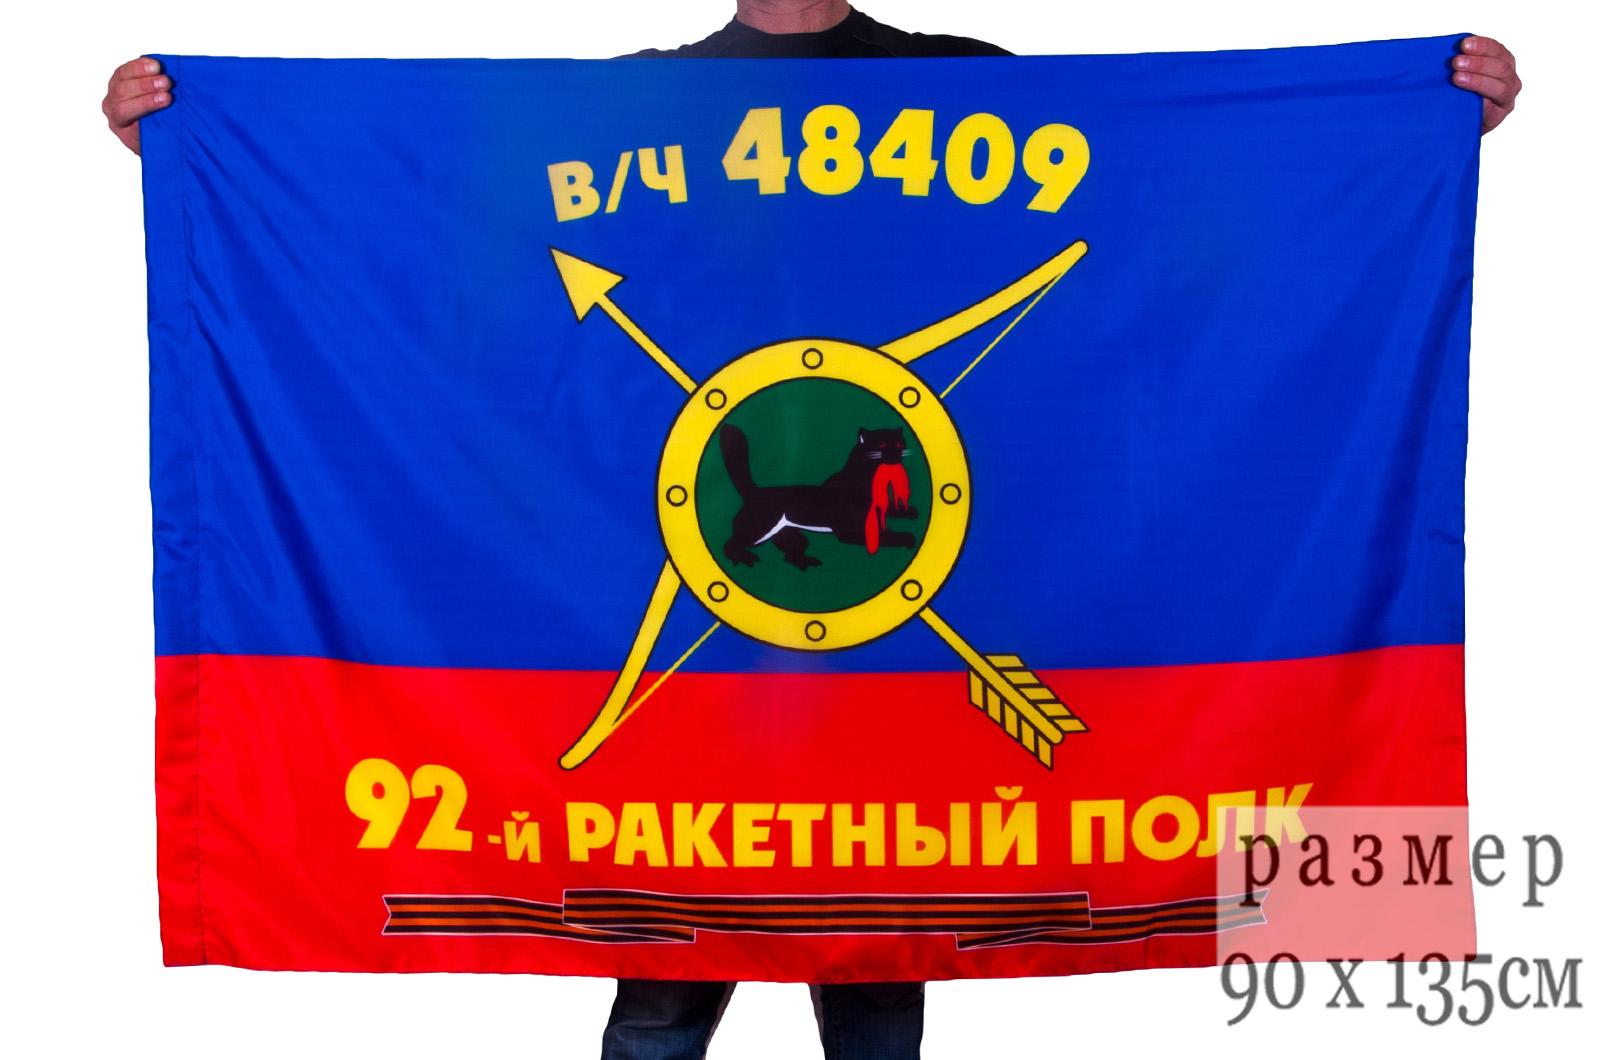 """Флаг РВСН """"92-й Гвардейский ракетный полк в/ч 48409"""""""